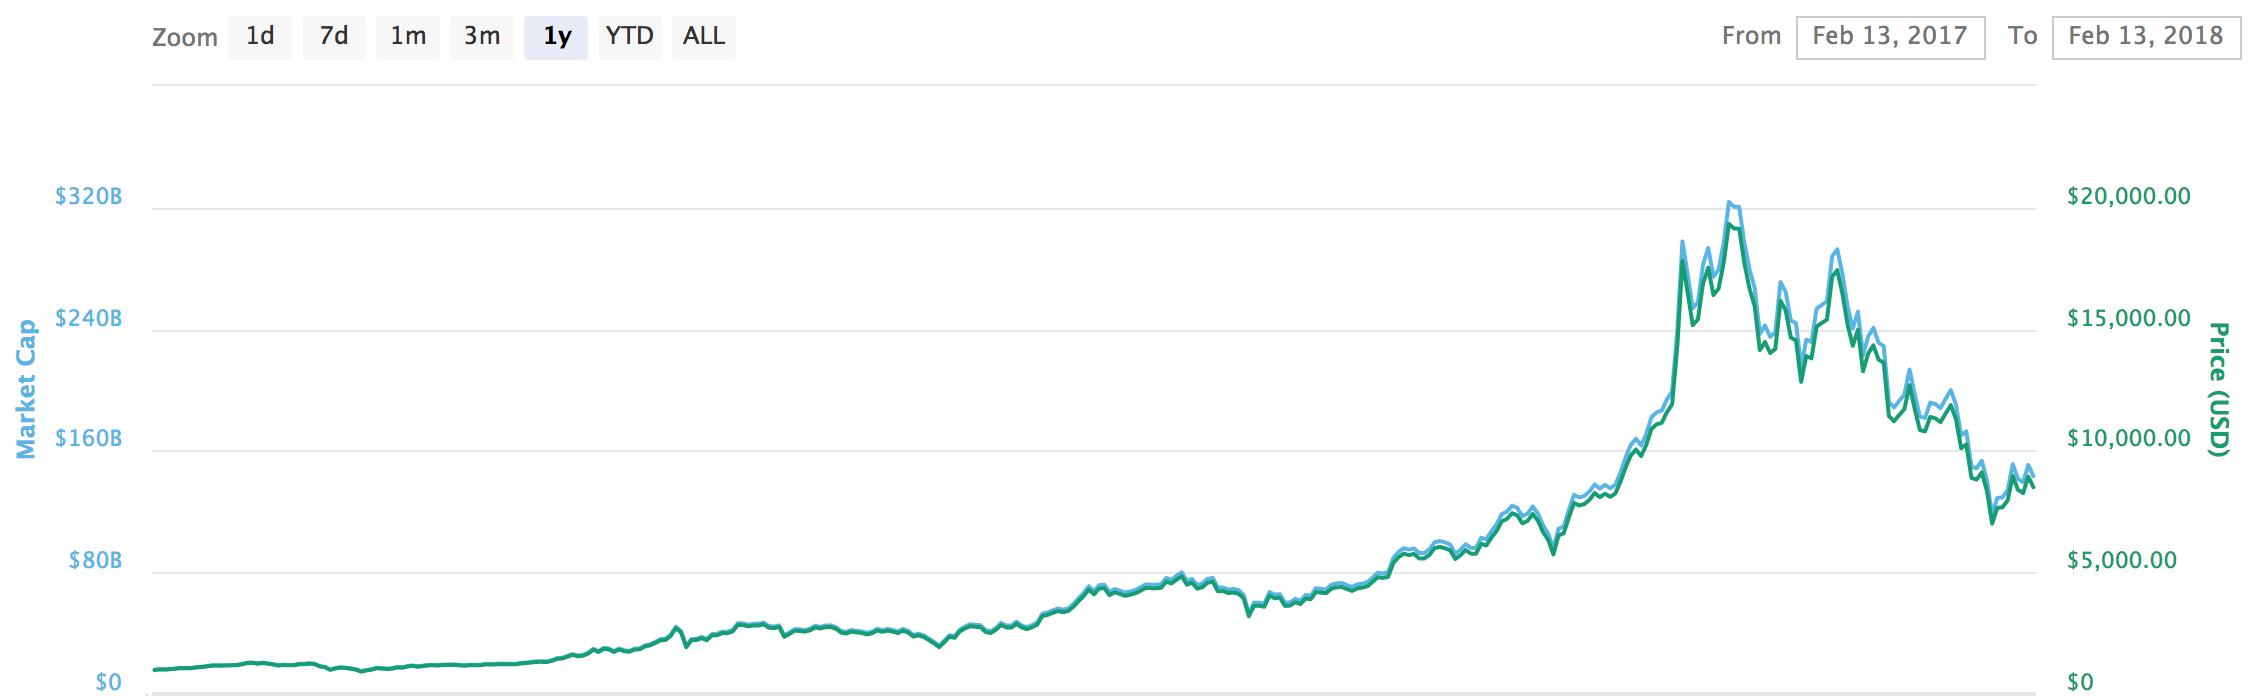 2018-02-13 BTC USD price and market cap